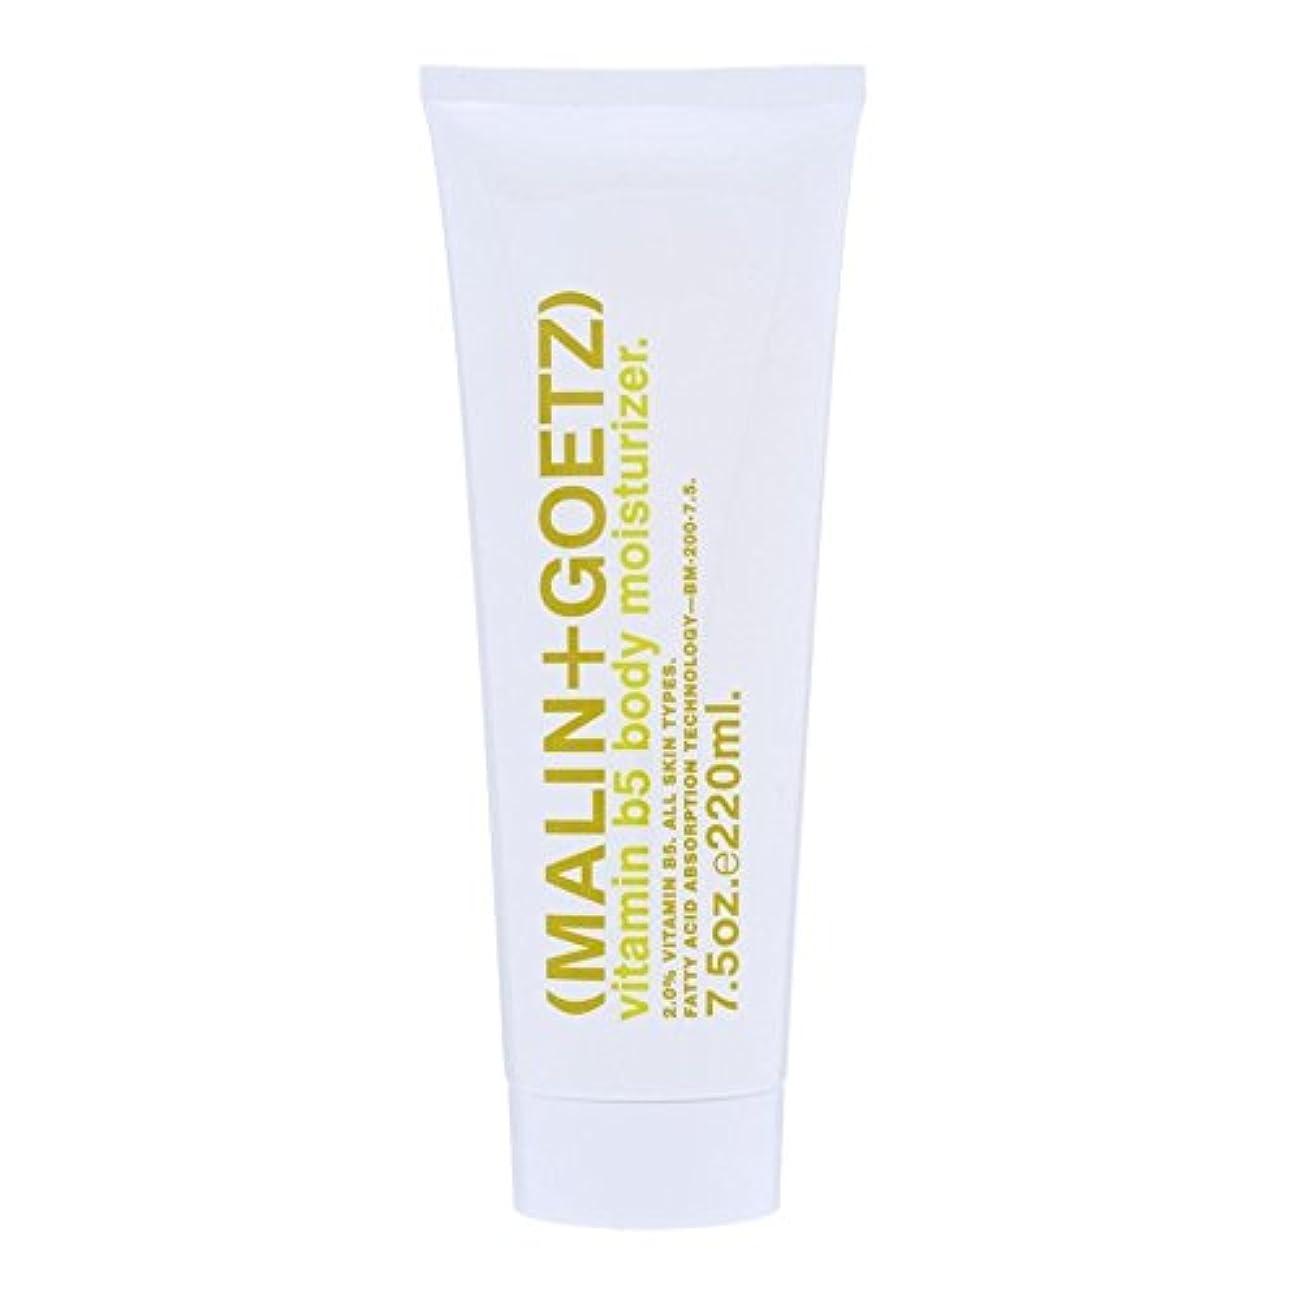 九月感嘆ティッシュ(MALIN+GOETZ) Vitamin B5 Body Moisturiser 220ml - (マリン+ゲッツ)ビタミン5ボディモイスチャライザーの220ミリリットル [並行輸入品]